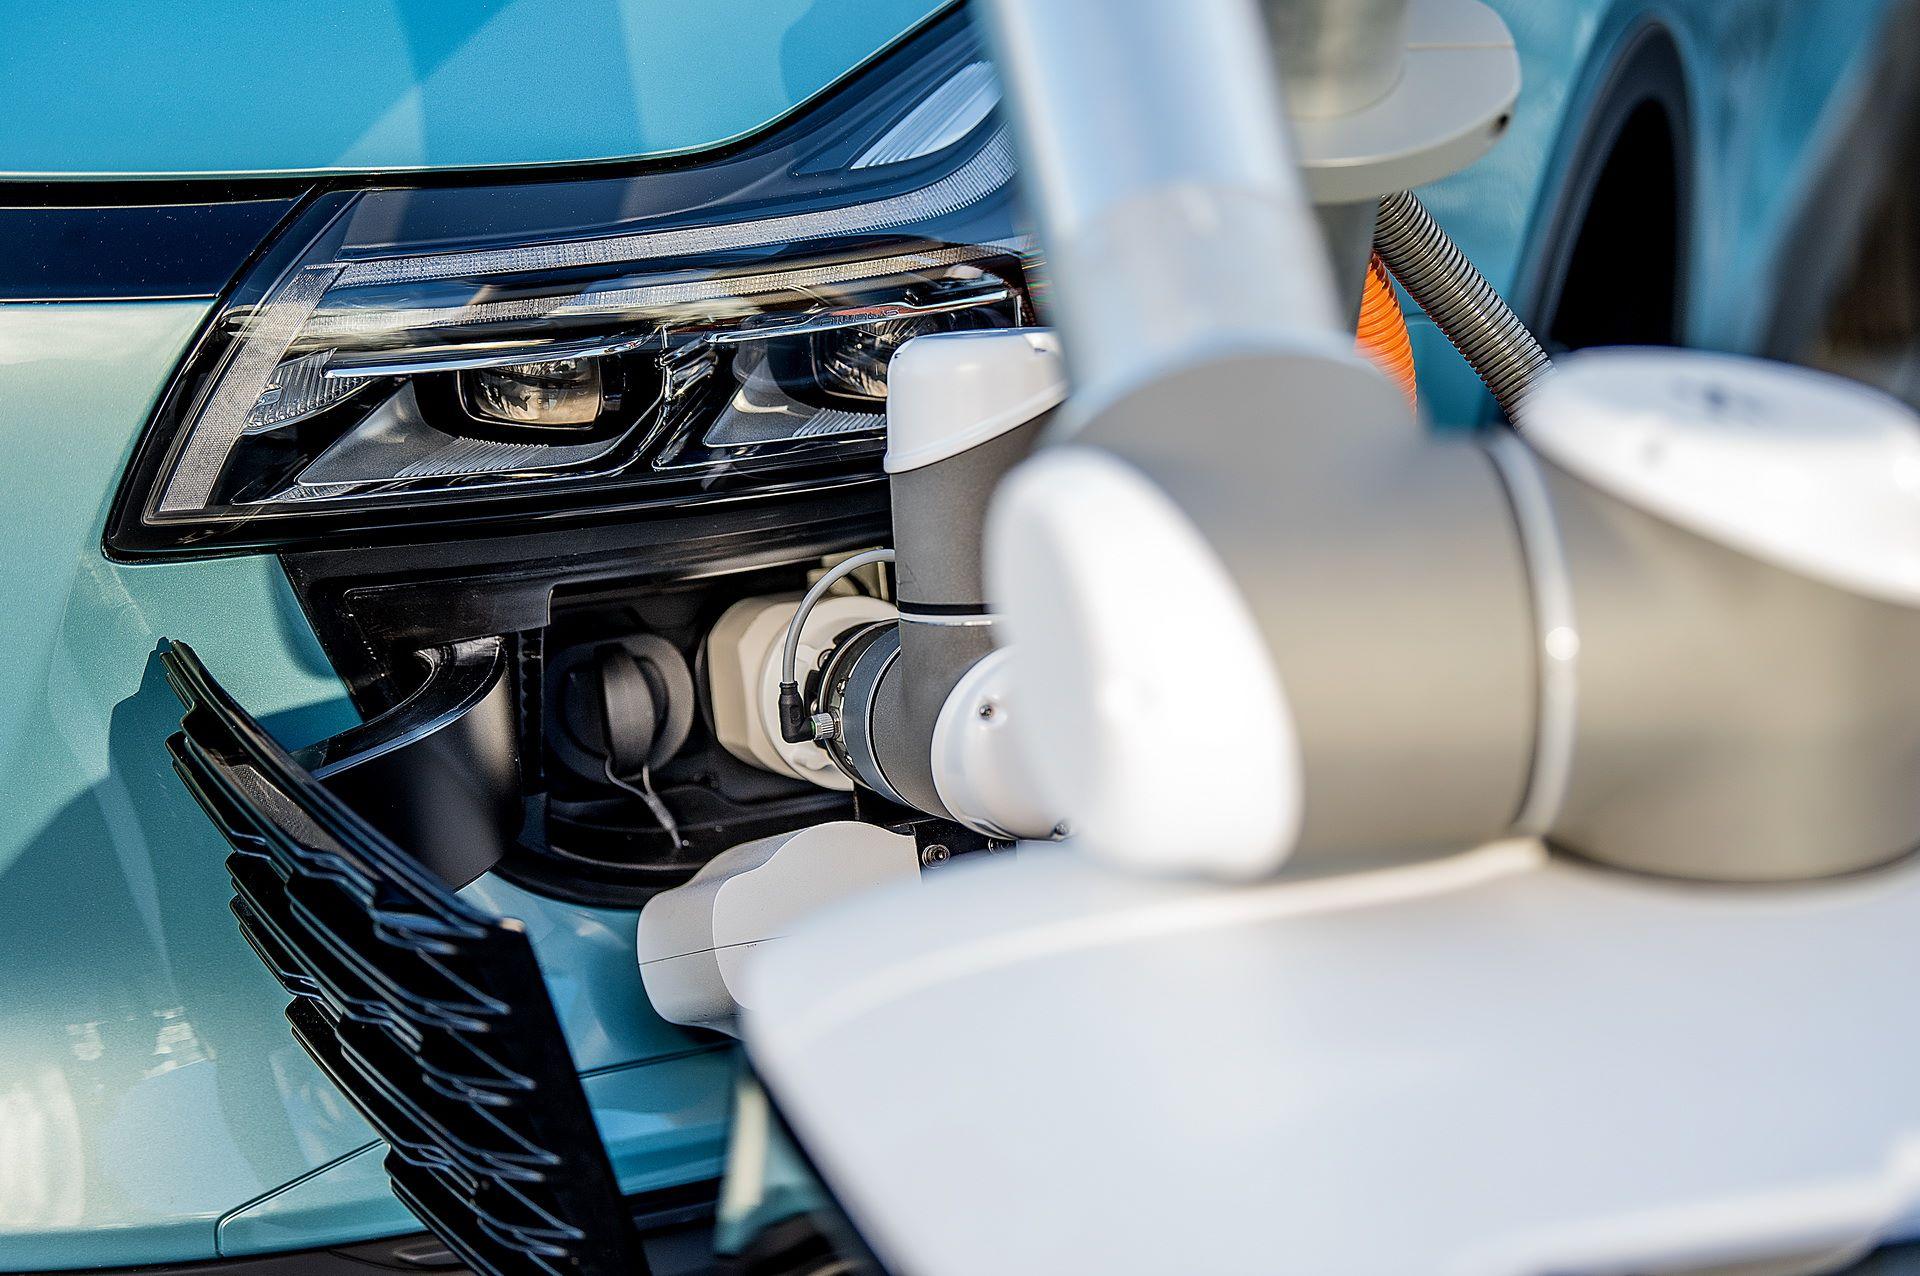 aiways-carl-autonomous-ev-charging-robot-5